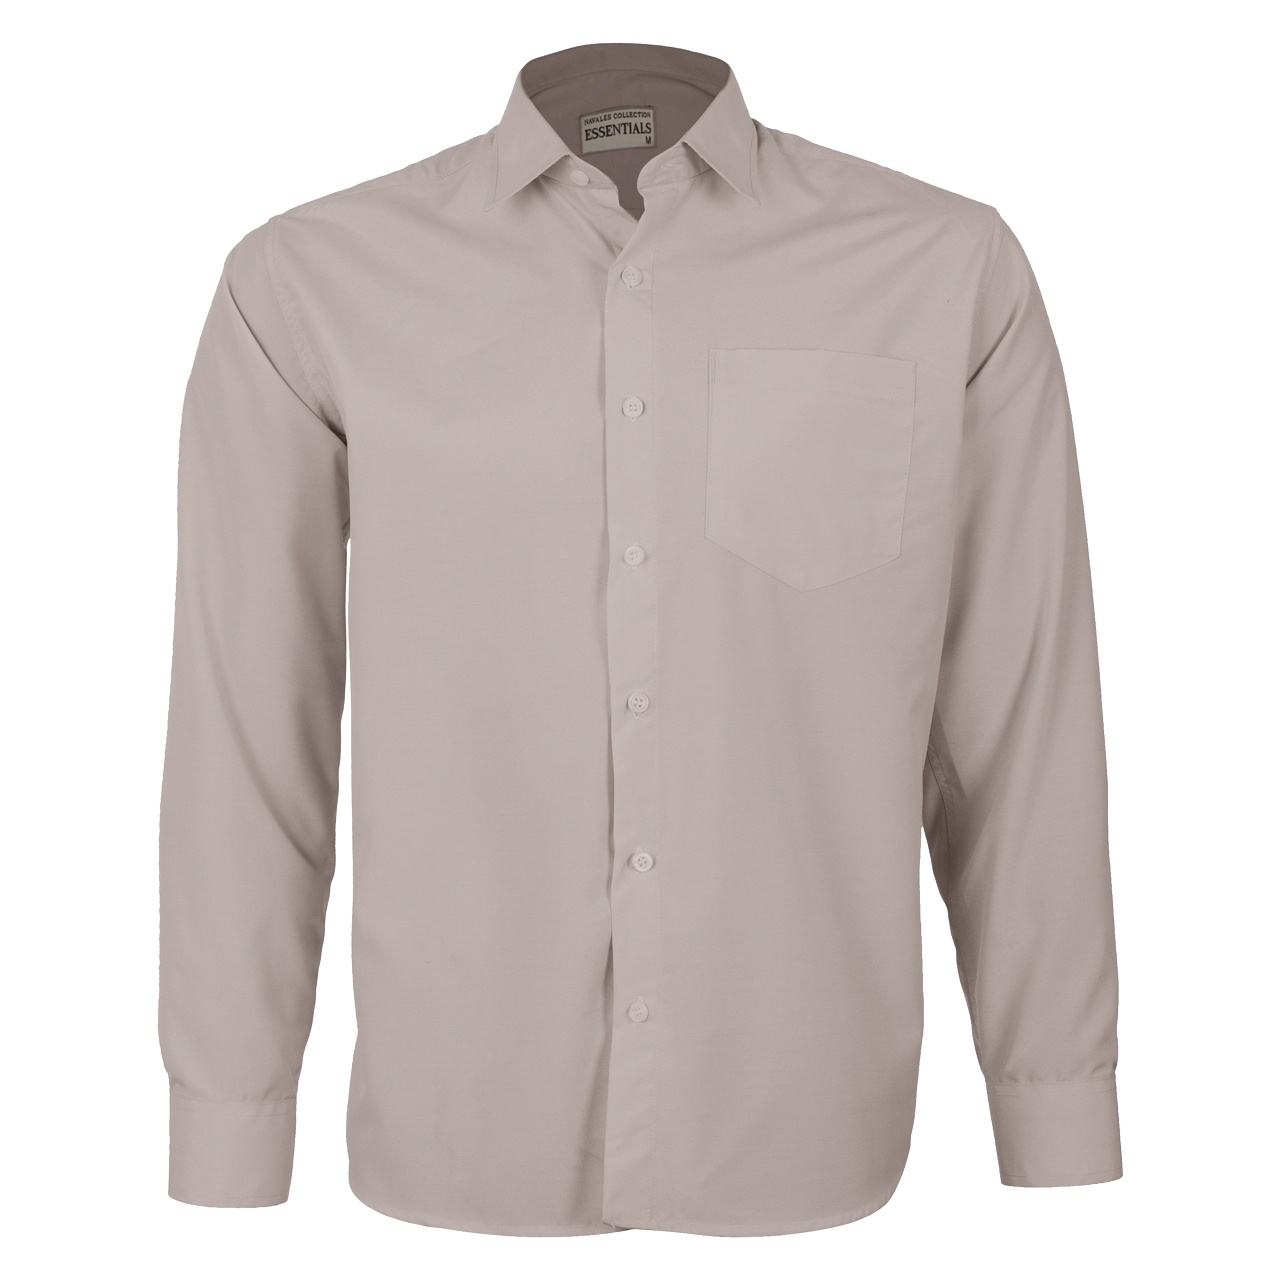 پیراهن مردانه ناوالس کد RegularFit-Tet-kh -  - 2